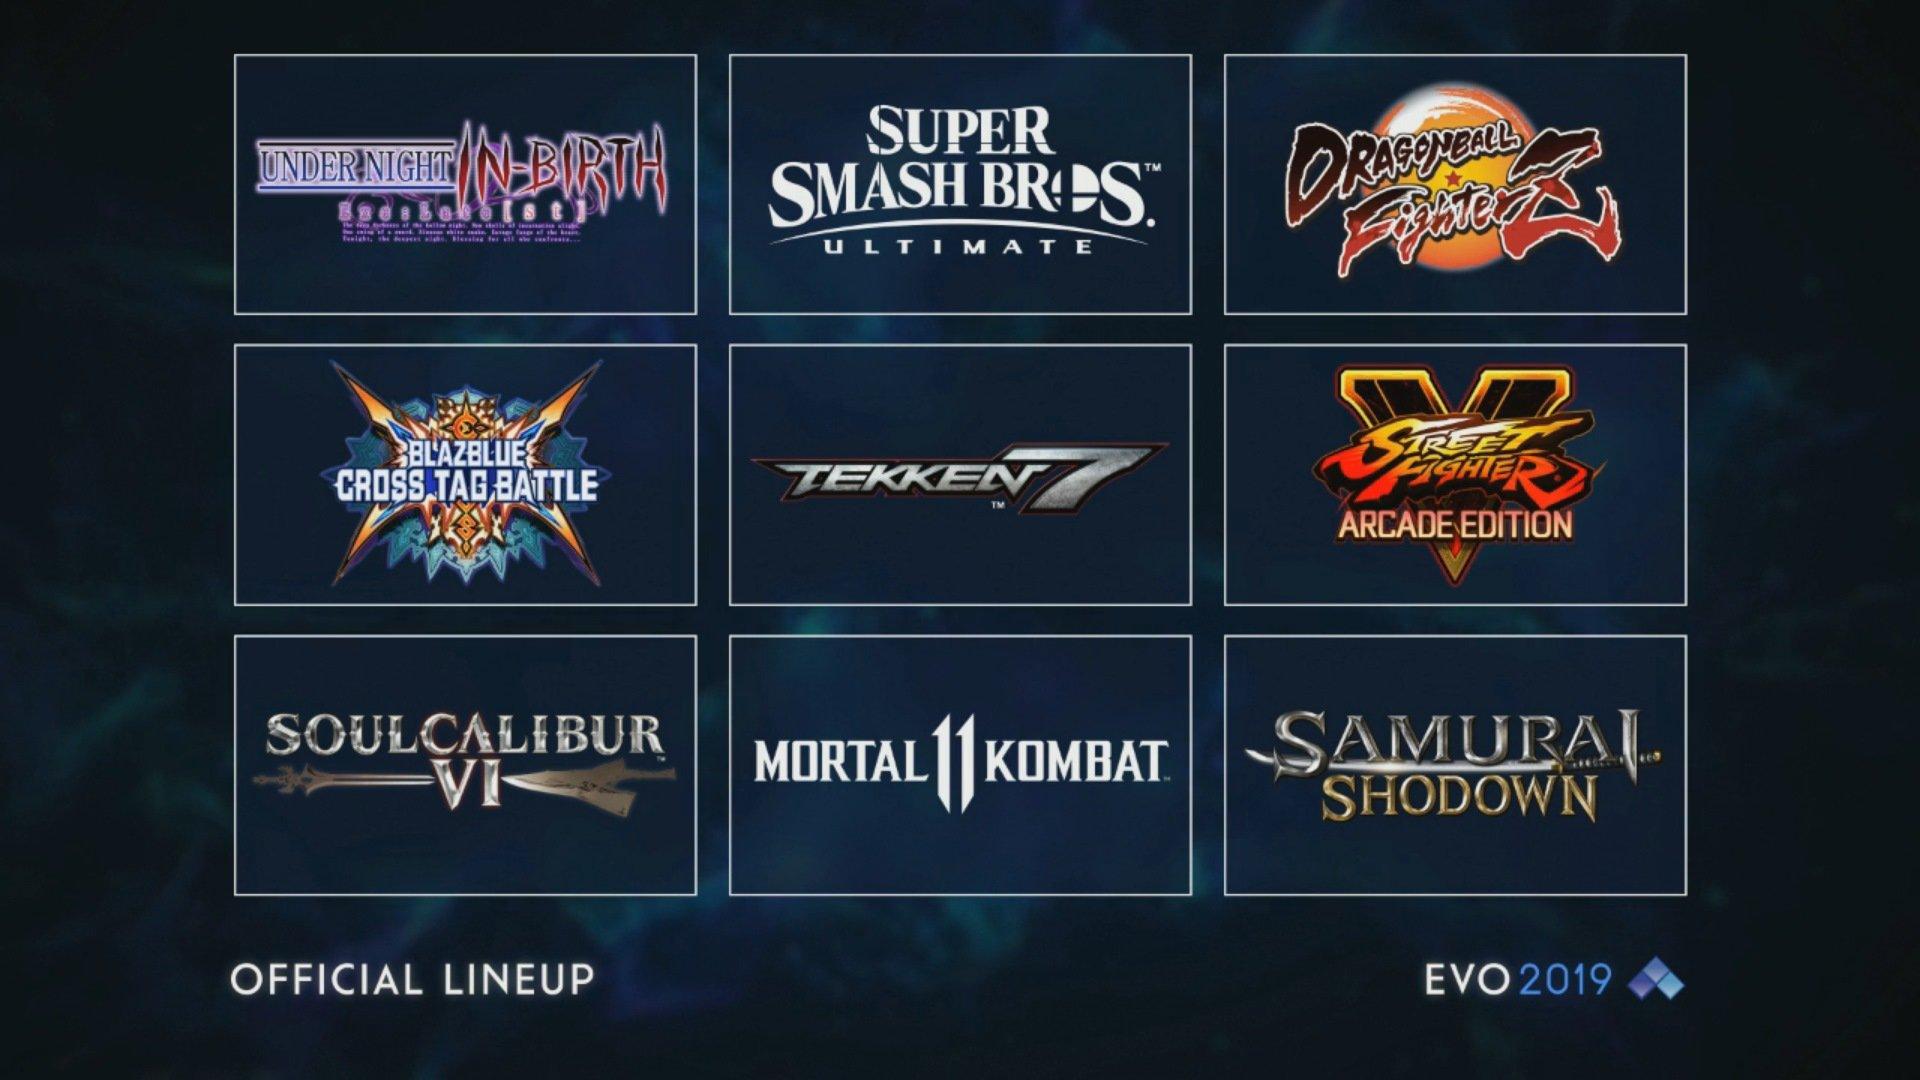 evo_2019_lineup.jpg